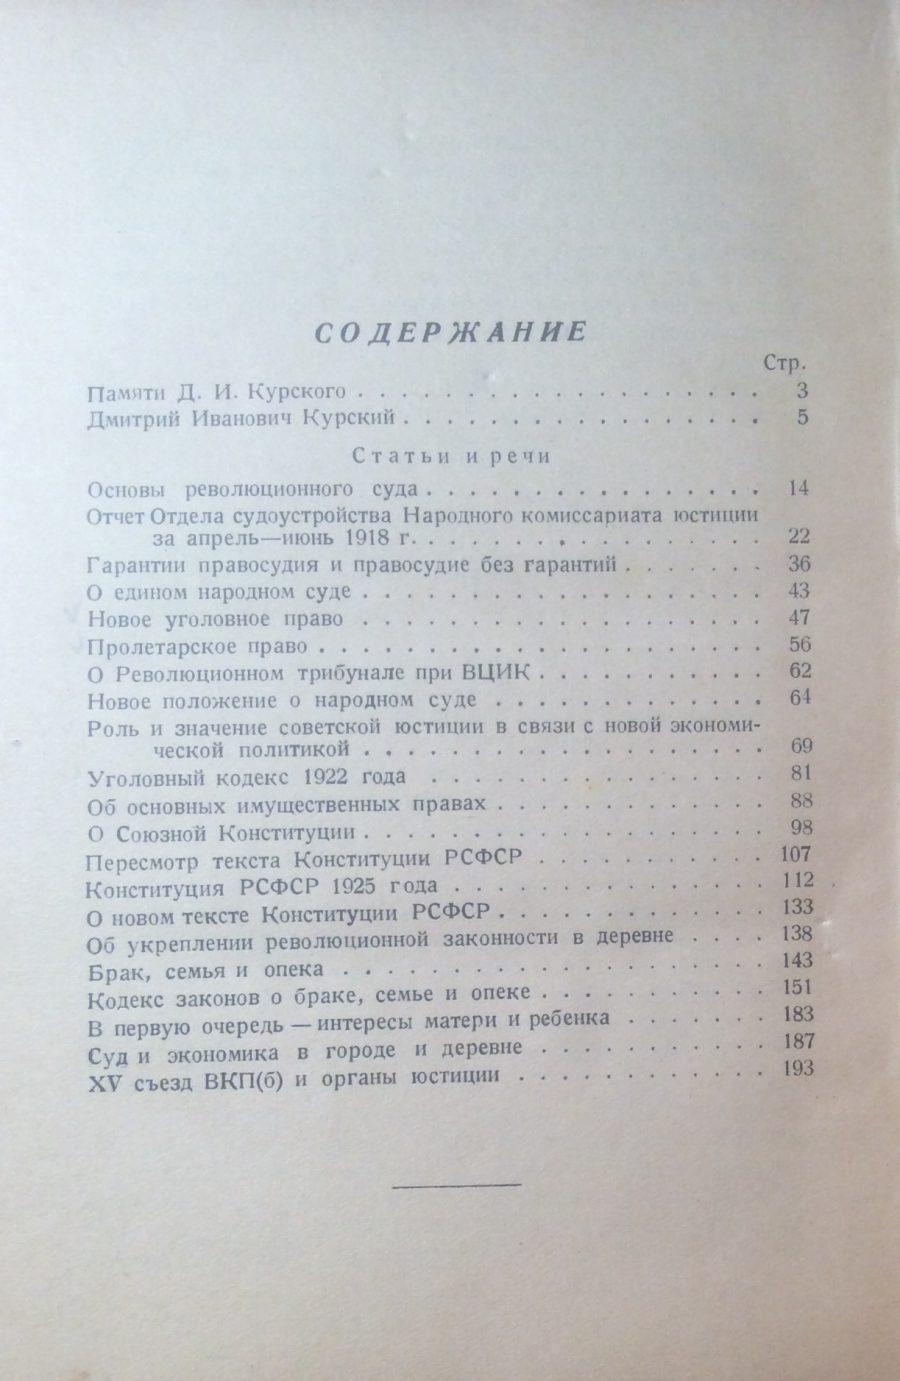 Курский Д.И. Избранные статьи и речи.